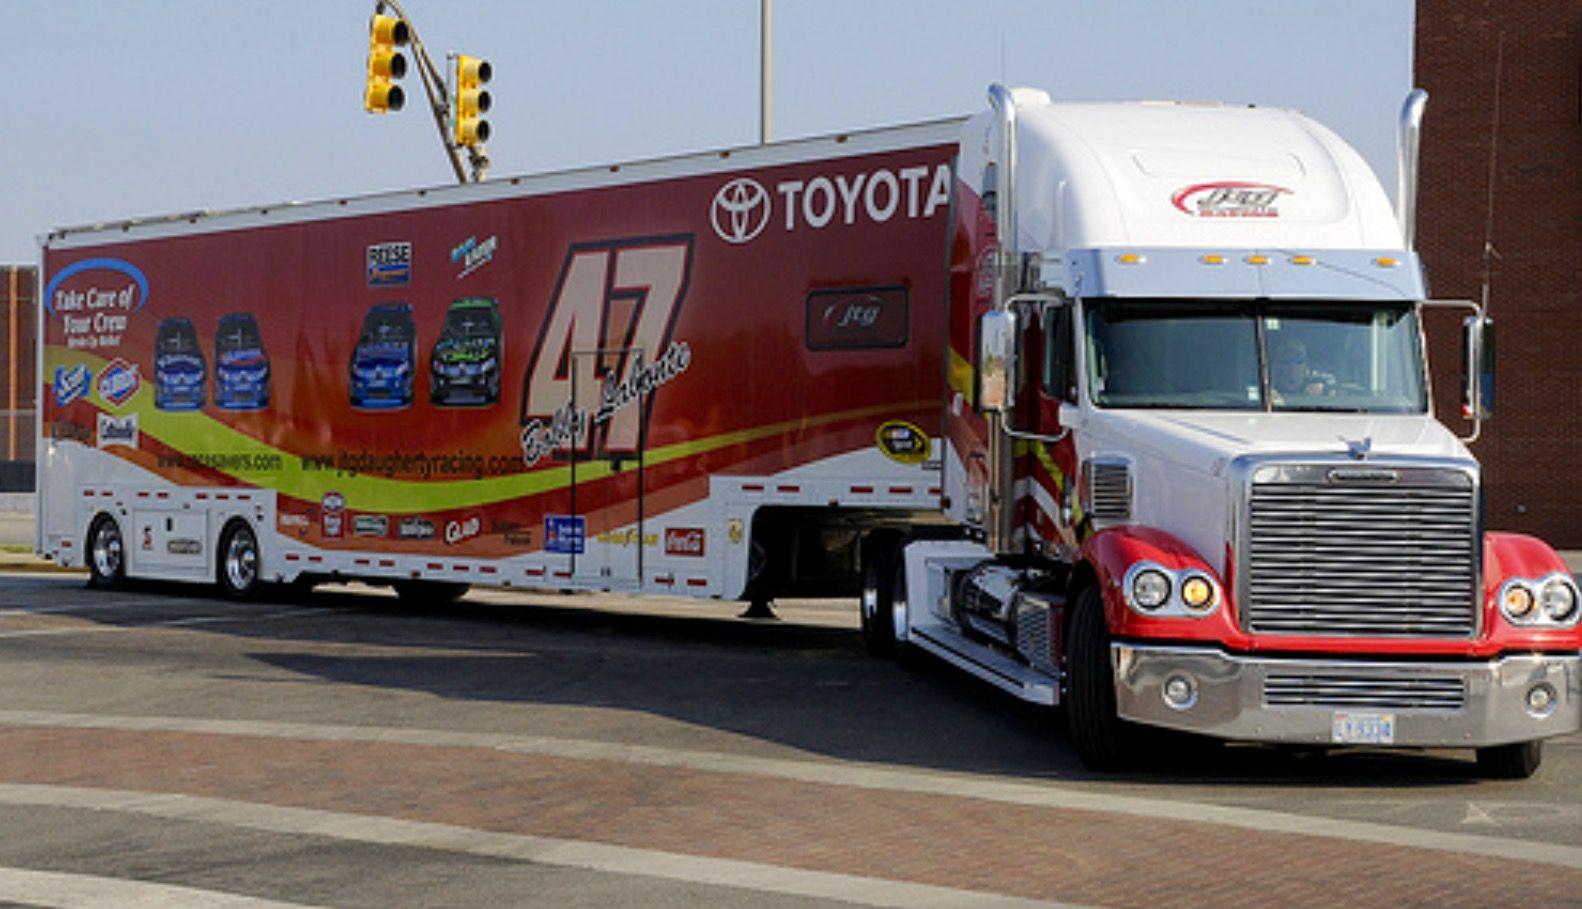 Toyota Freightliner Hauler Nascar Transporter Race